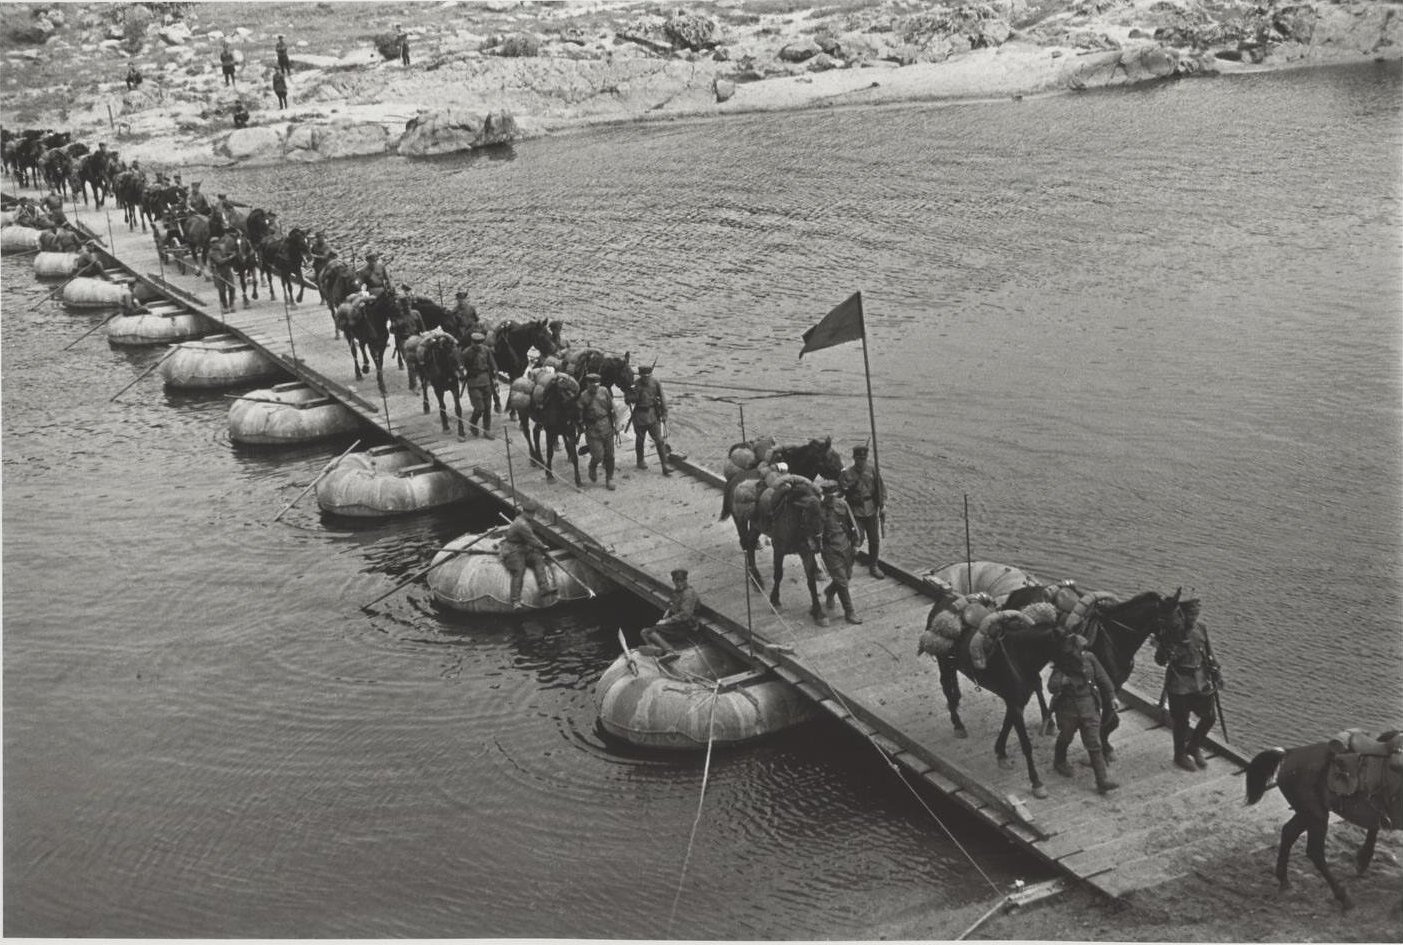 1935. Съемка для книги «Первая конная». Конники пересекают реку по понтонному мосту